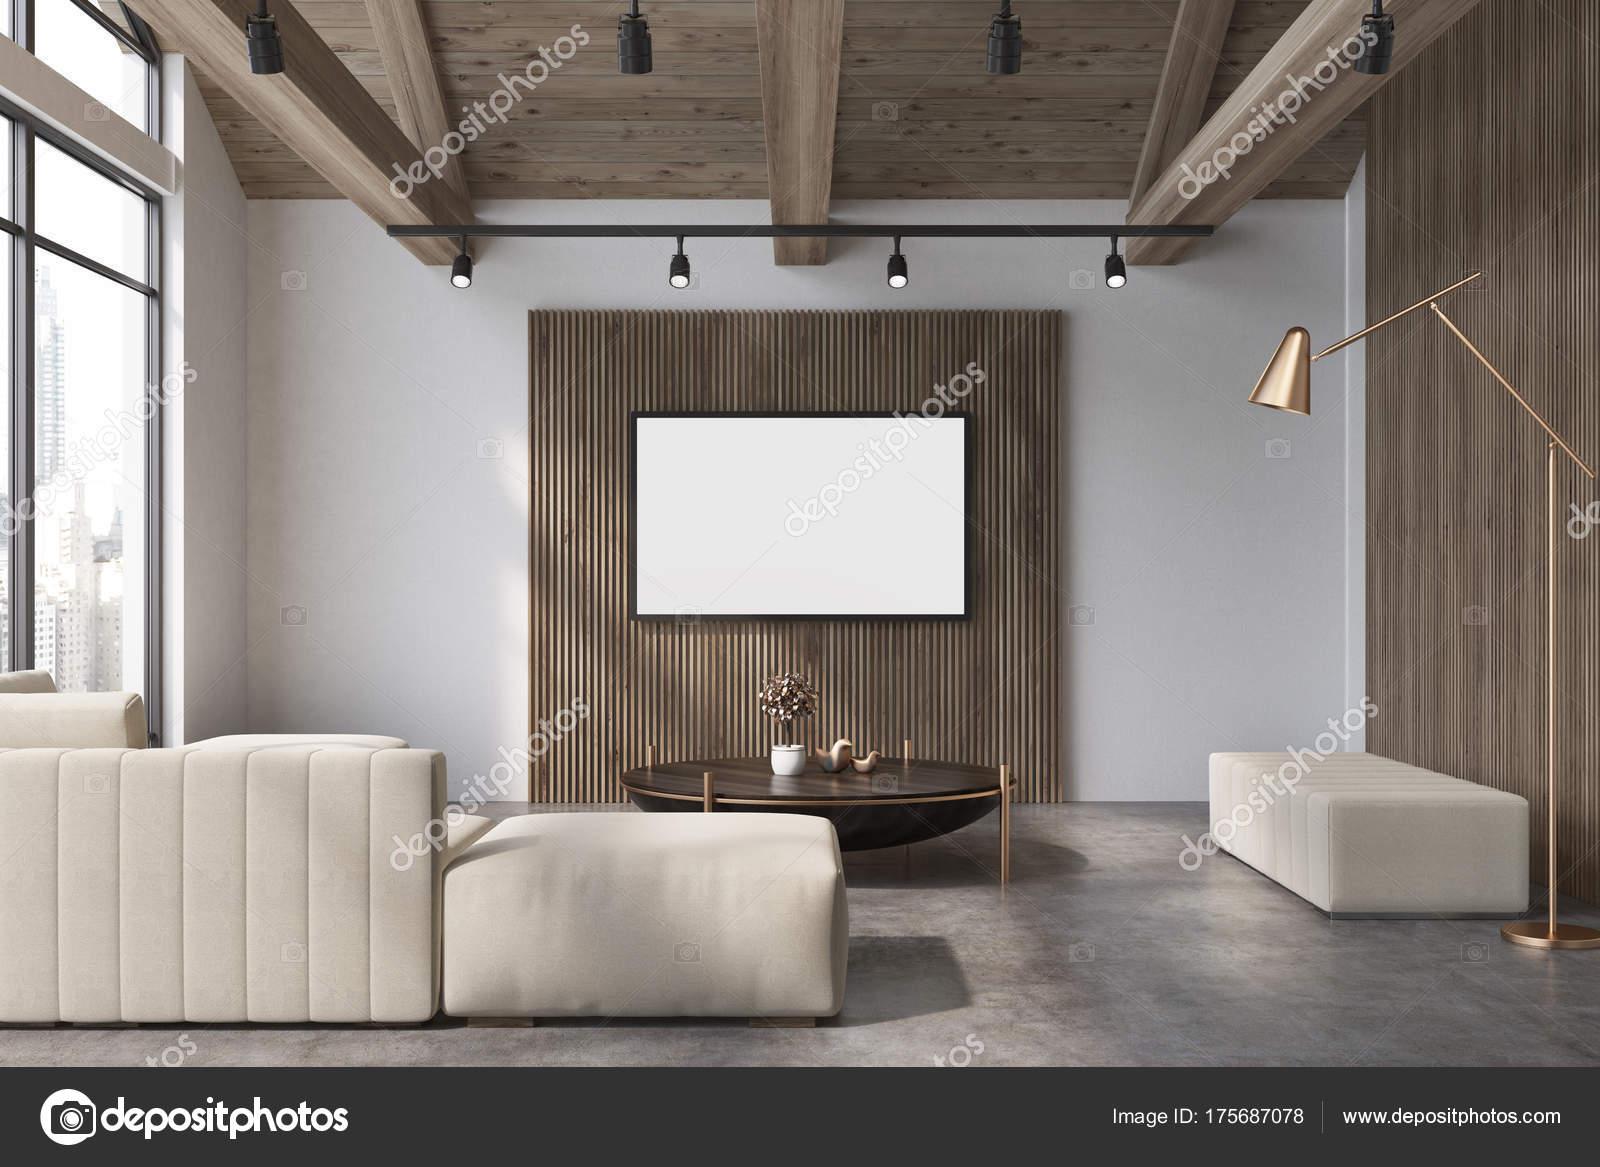 Weiß Und Holz Wohnzimmer Weißes Sofa Poster Stockfoto